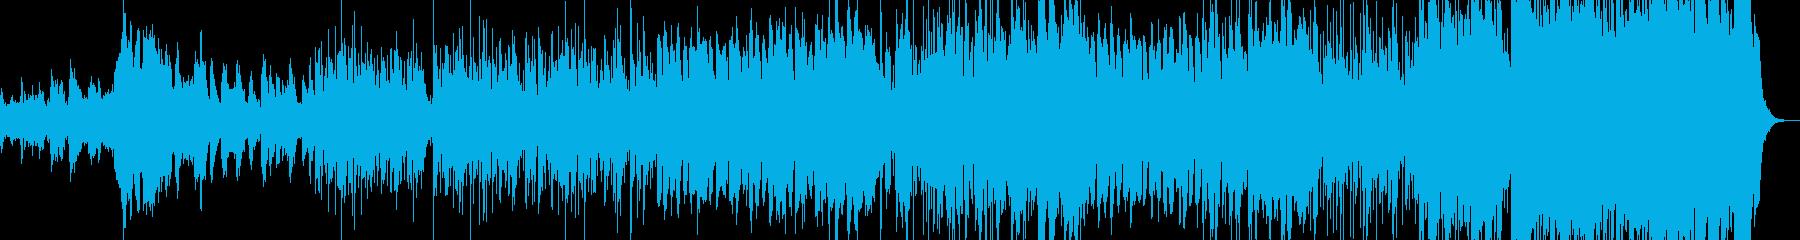 暗いインストの再生済みの波形